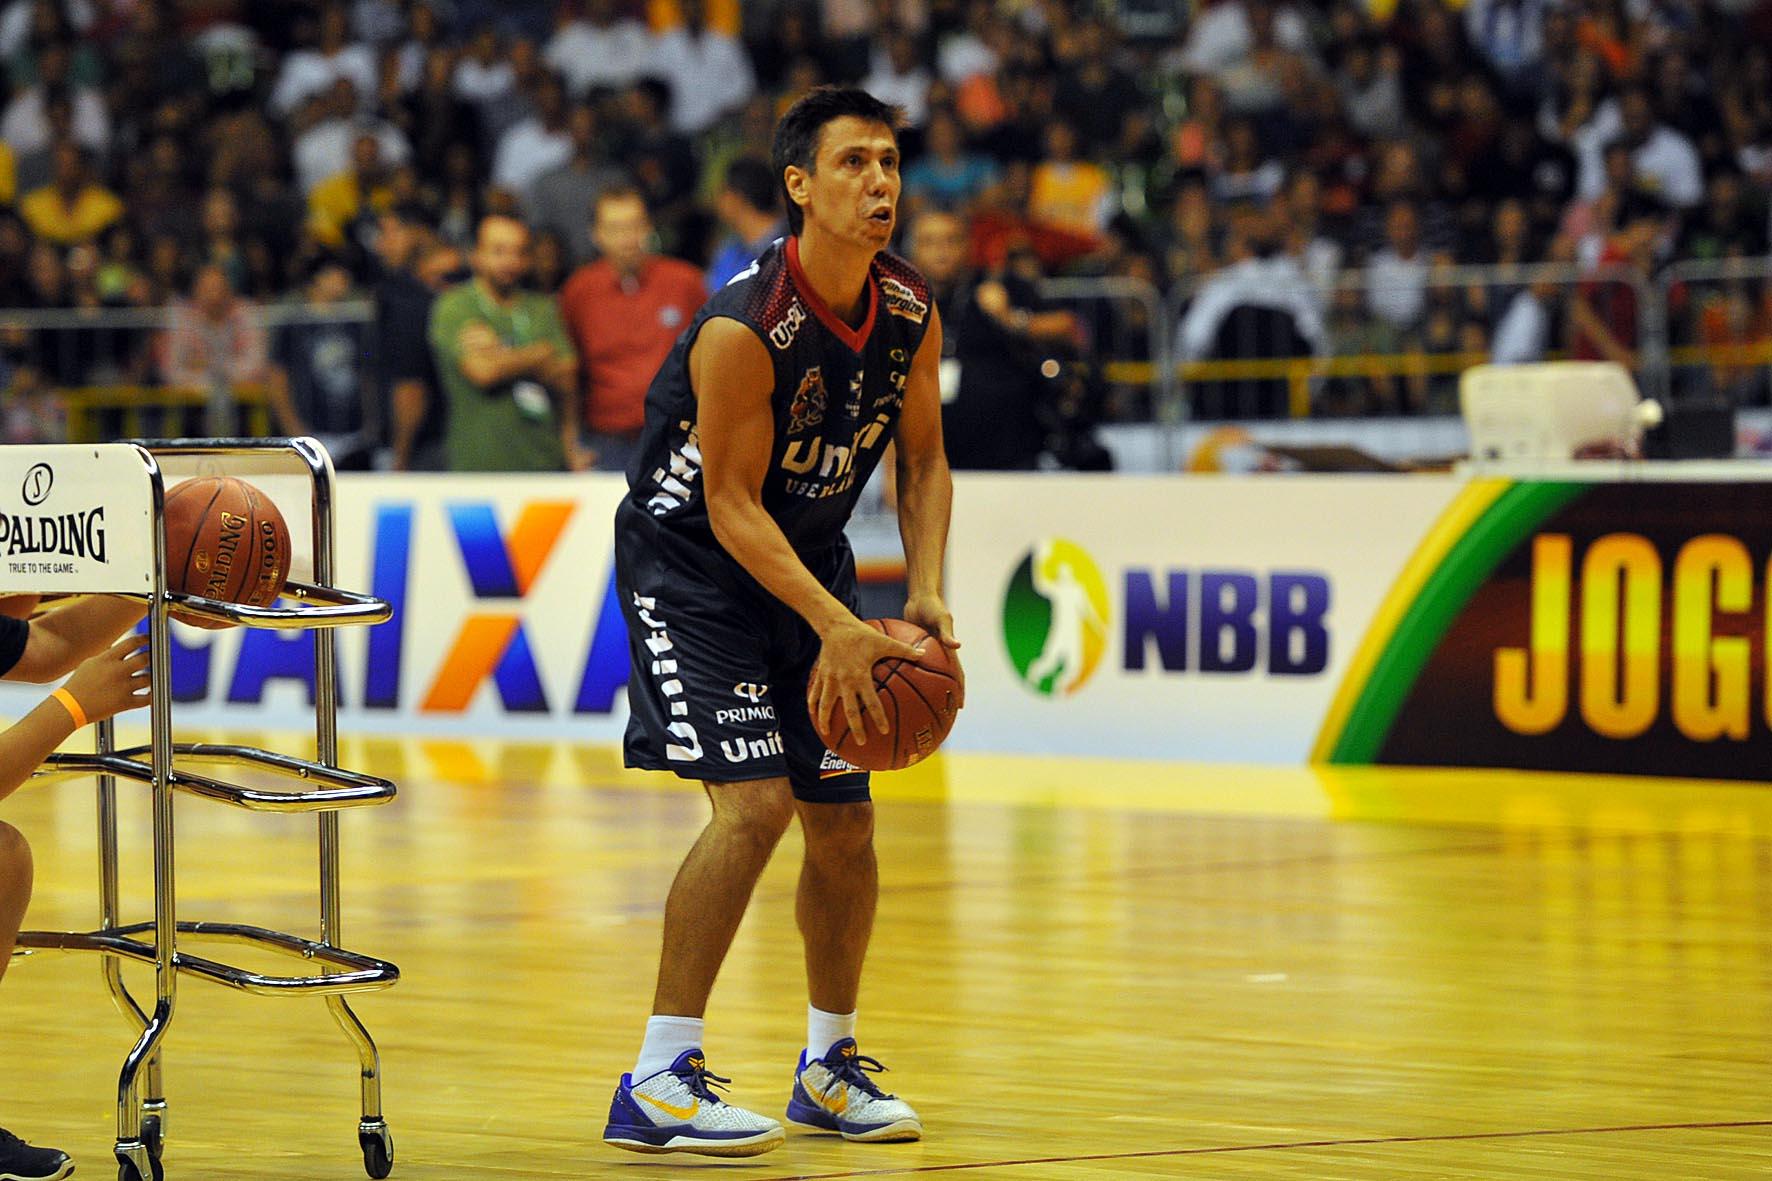 Helinho, do Uberlândia, no Torneio de 3 pontos